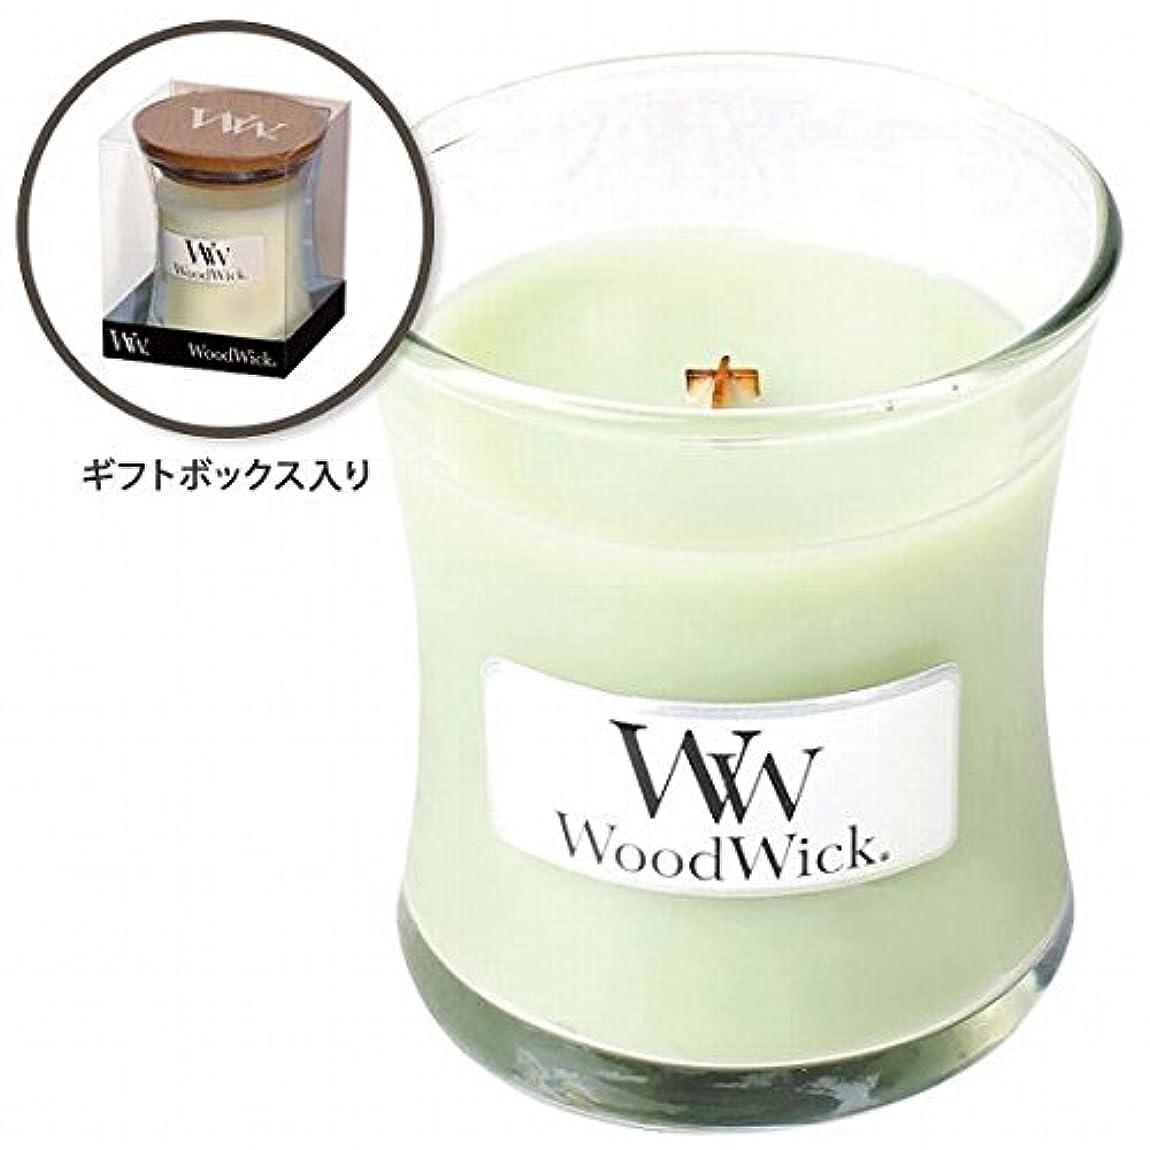 ウッドウィック( WoodWick ) Wood WickジャーS 「ライムジェラート」